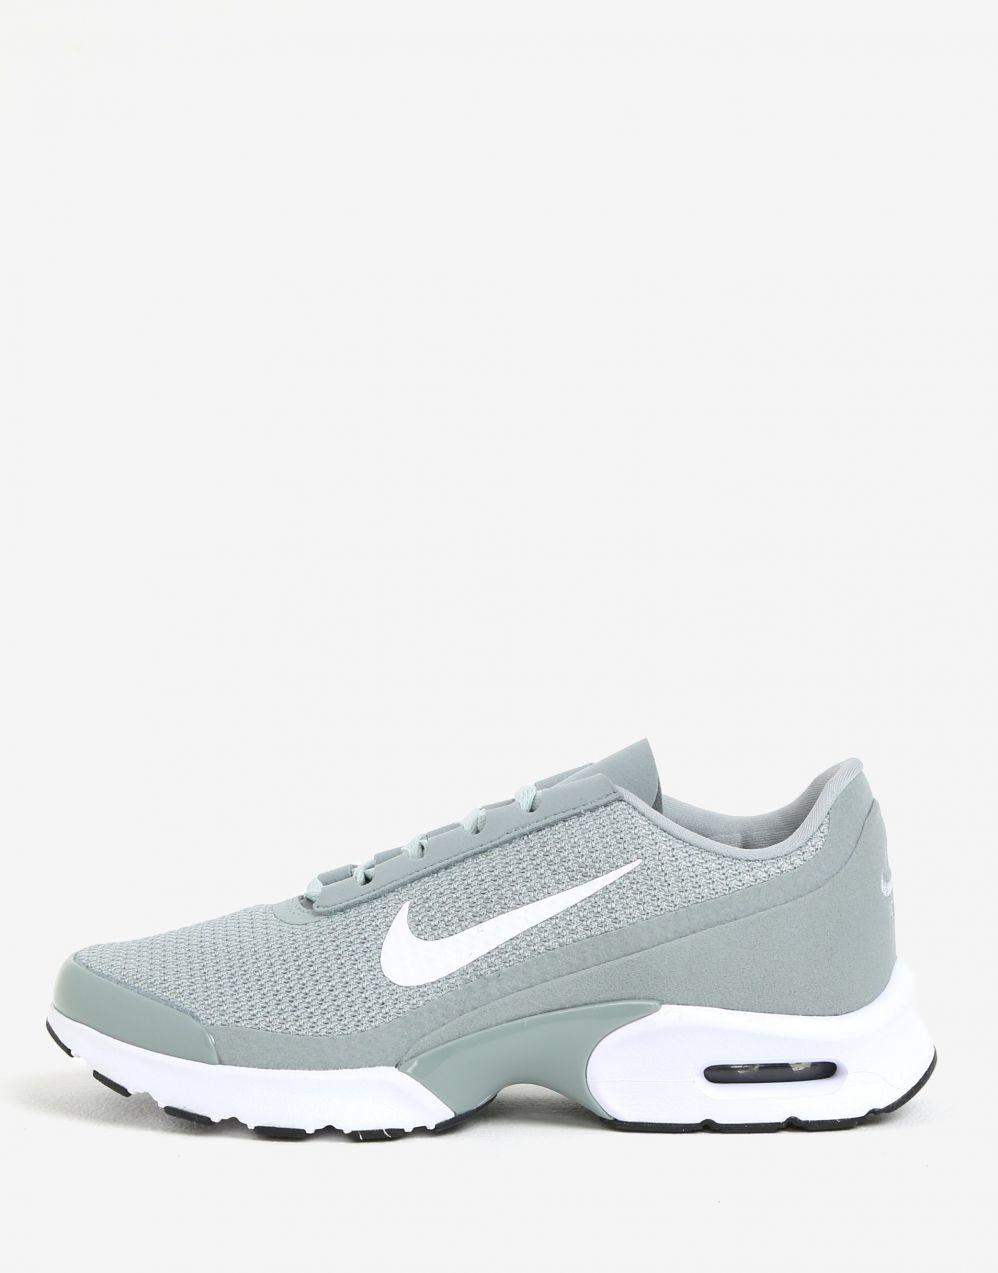 a13a519c3640 Mentolové dámske tenisky Nike Air max Jewell značky Nike - Lovely.sk